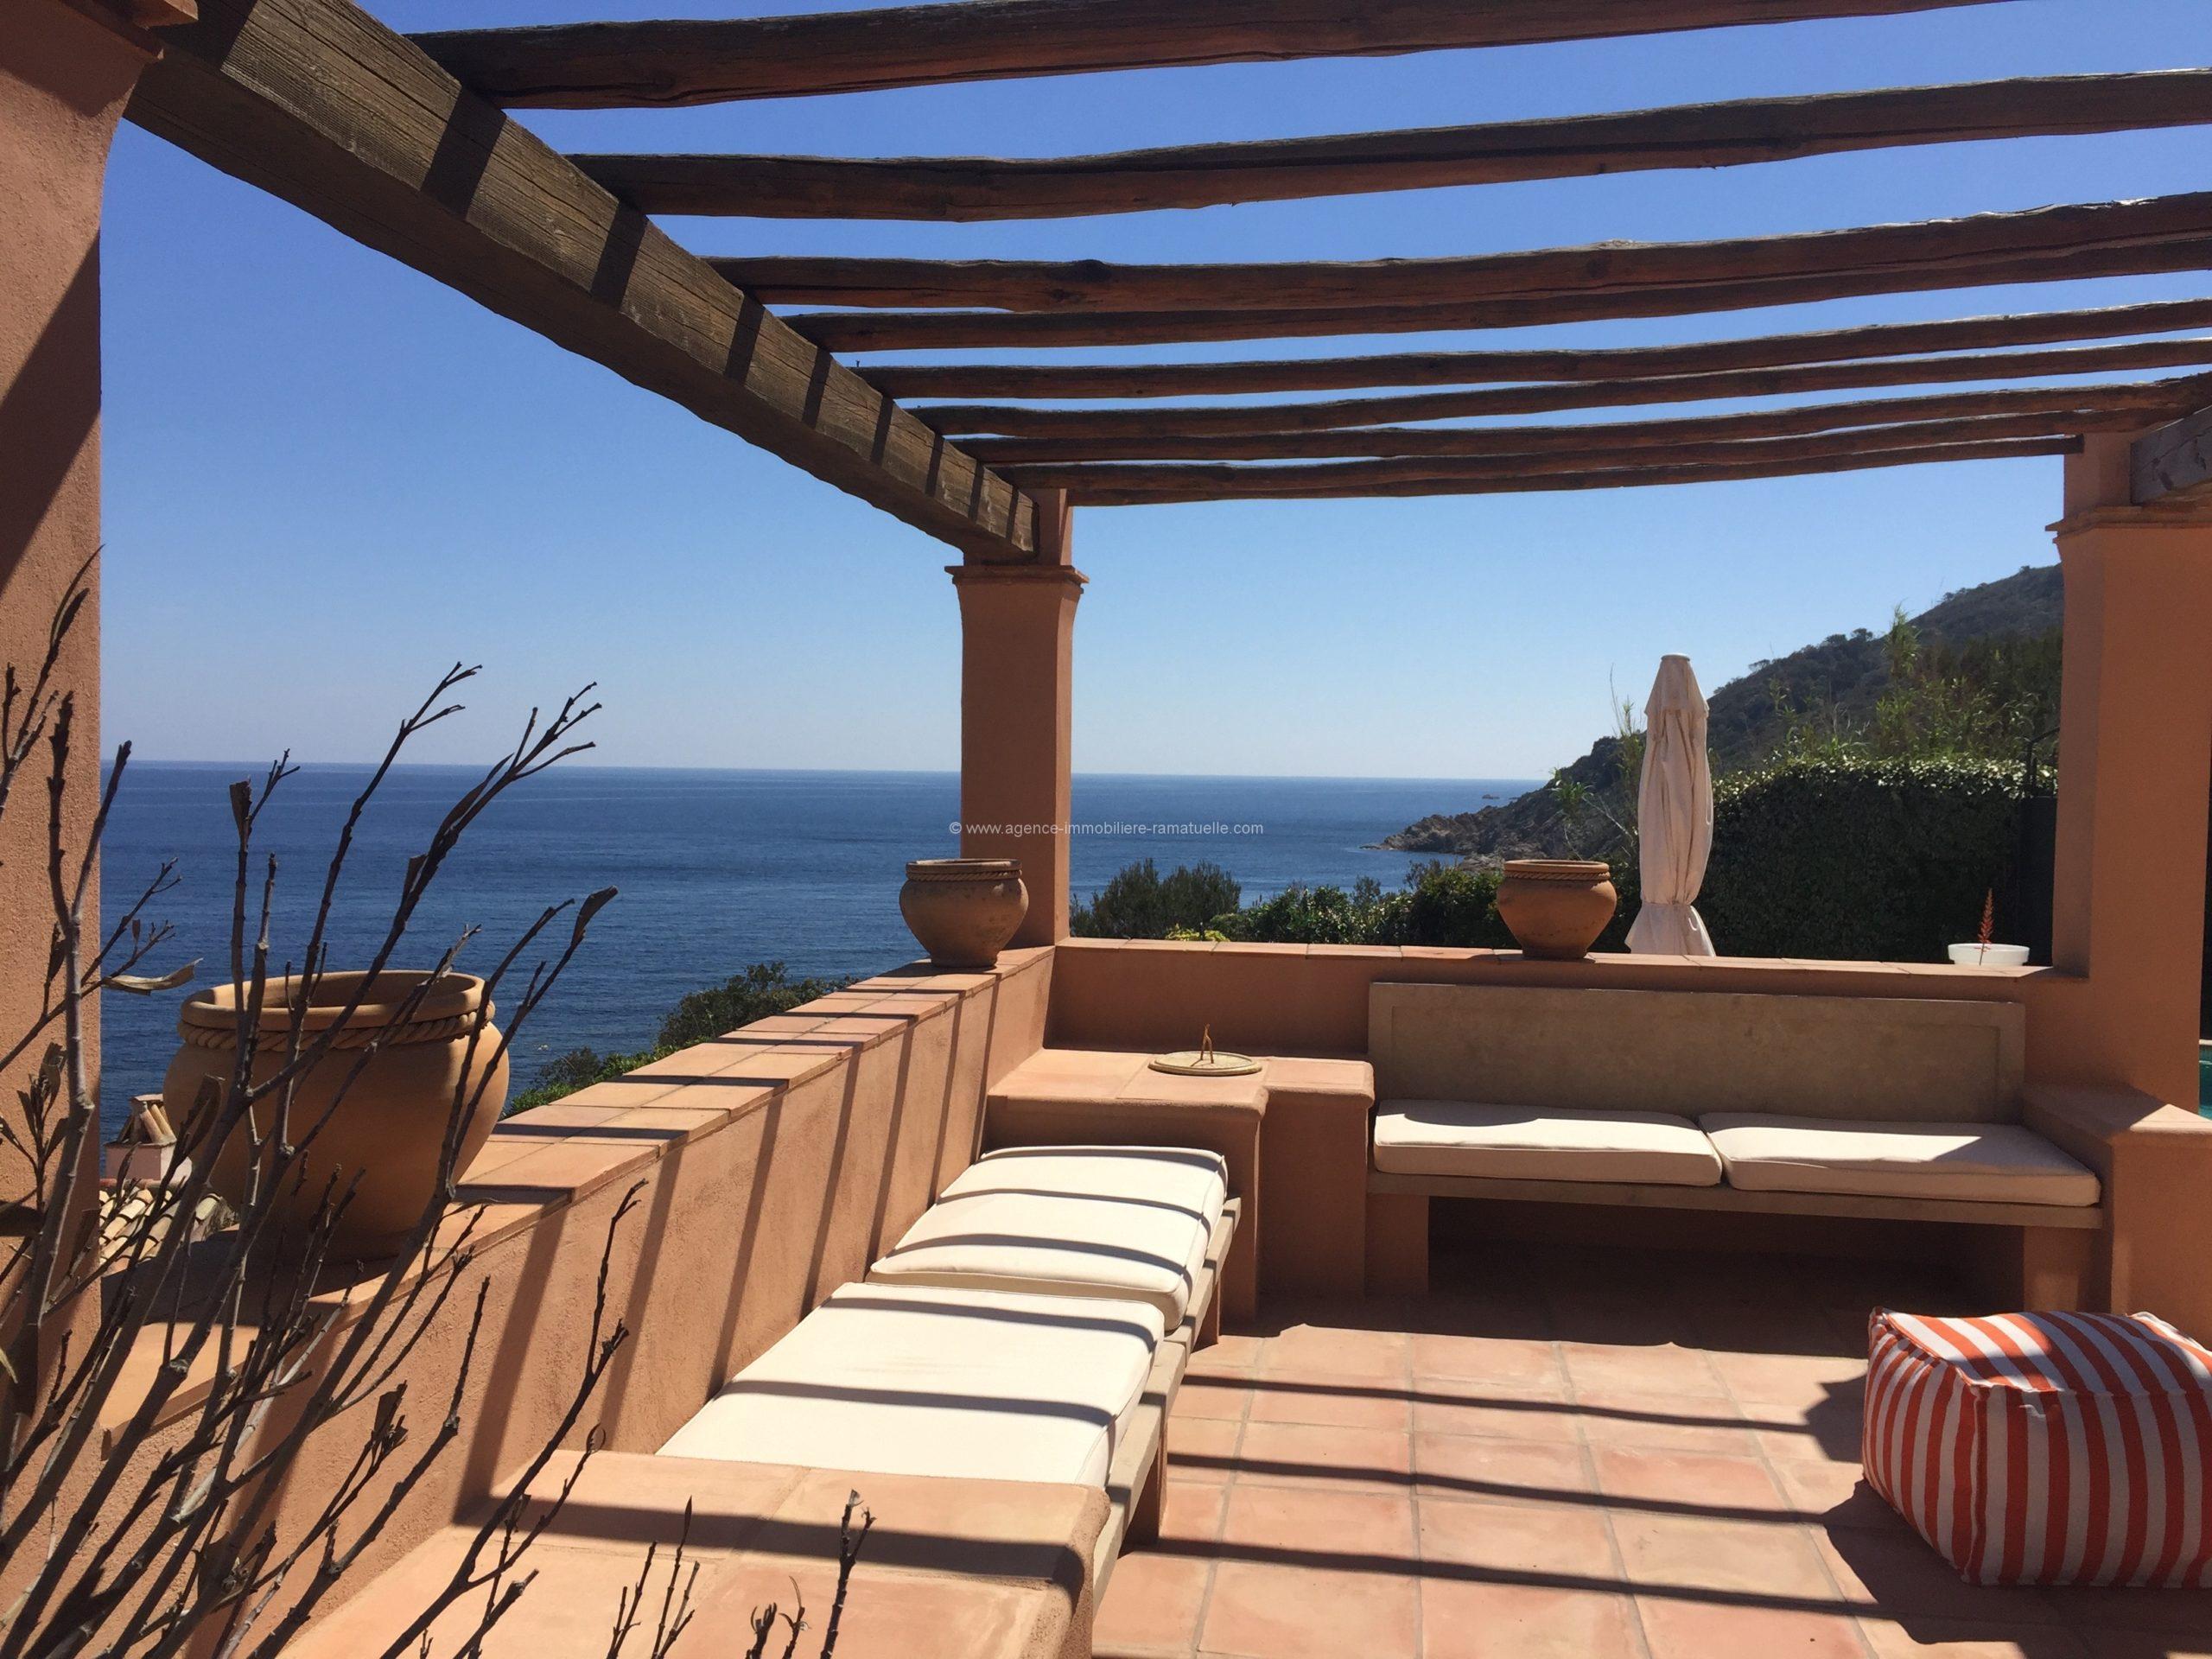 Maison de pêcheur à la Bonne Terrasse , piscine et une vue mer a couper le souffle, Ramatuelle